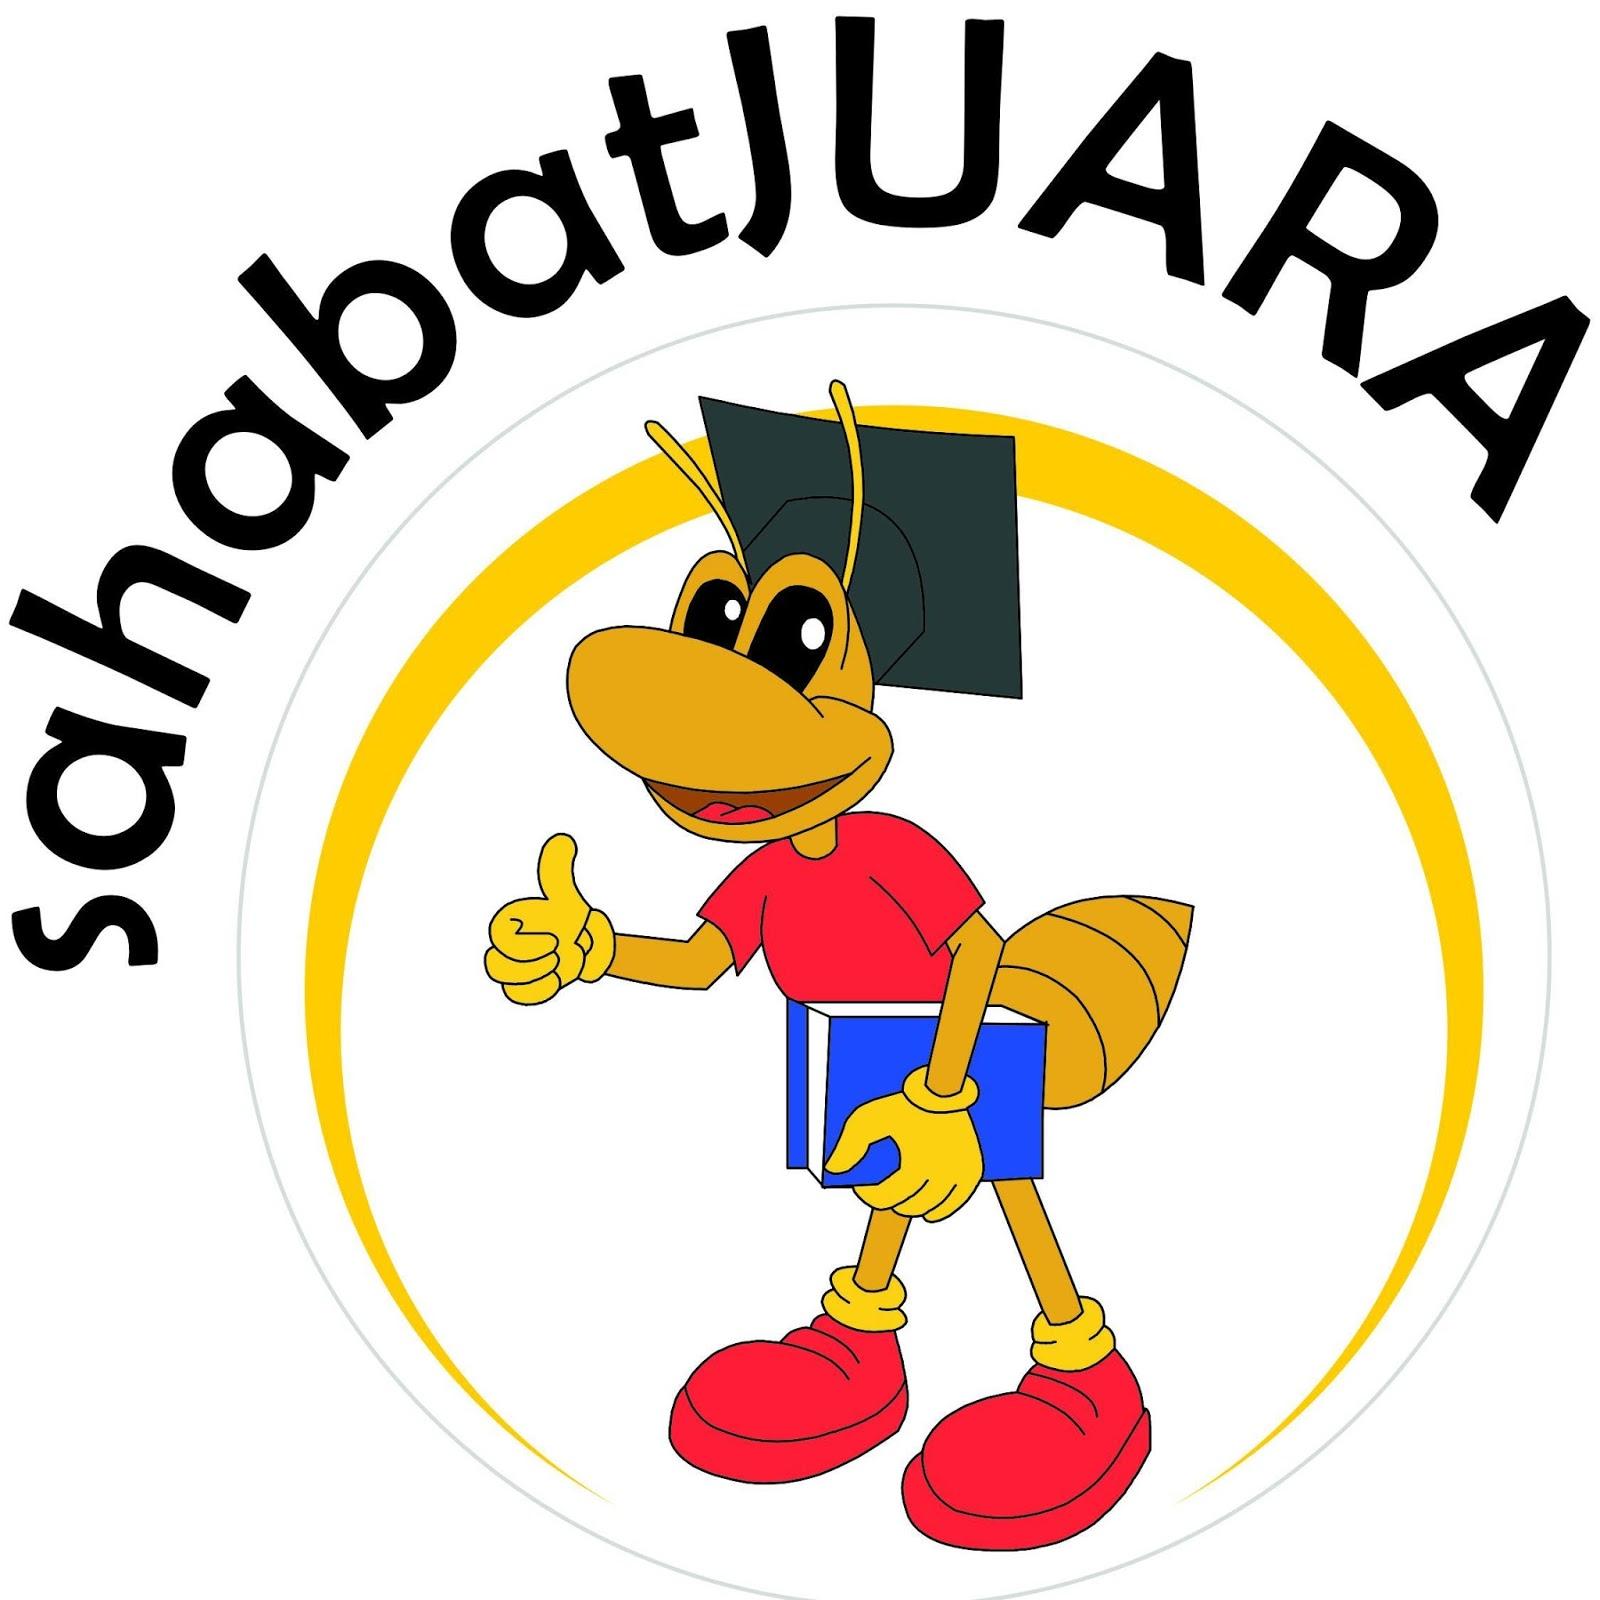 """Sahabat Juara Yogyakarta merupakan lembaga """"Playgroup dan DayCare"""" serta """"Bimbingan Belajar SD dan Baca Tulis Berhitung TK"""" yang berdomisili di Yogyakarta"""